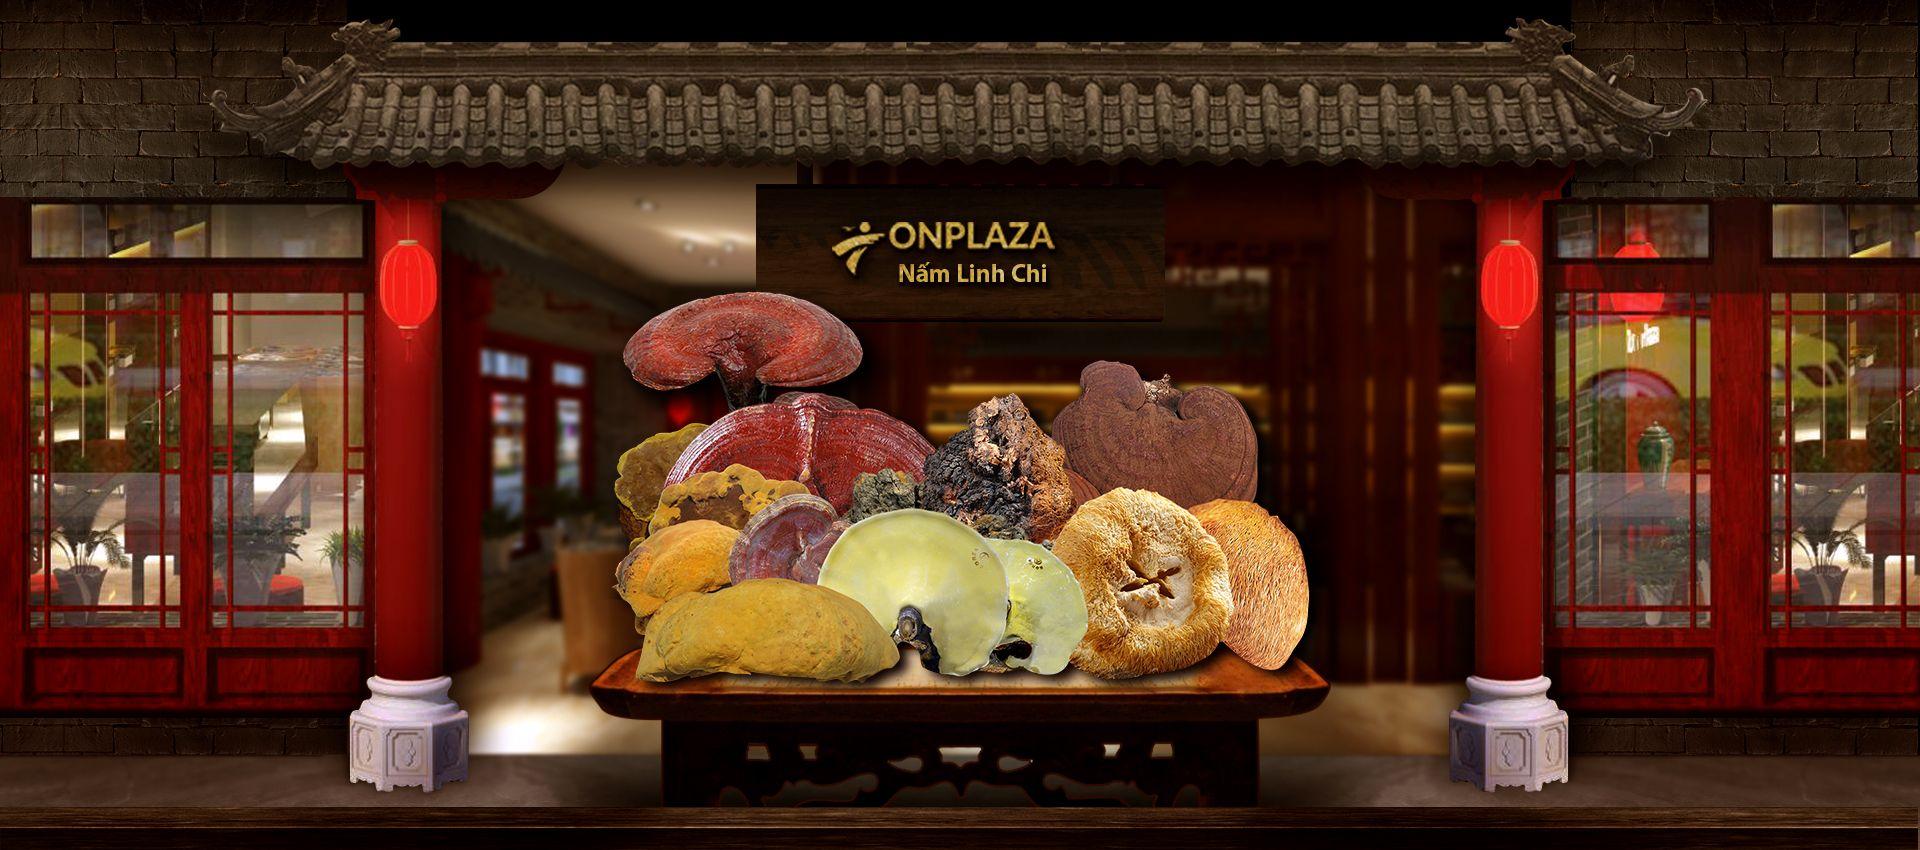 Các sản phẩm về nấm linh chi chính hãng được công ty nhập khẩu trực tiếp từ Hàn Quốc.